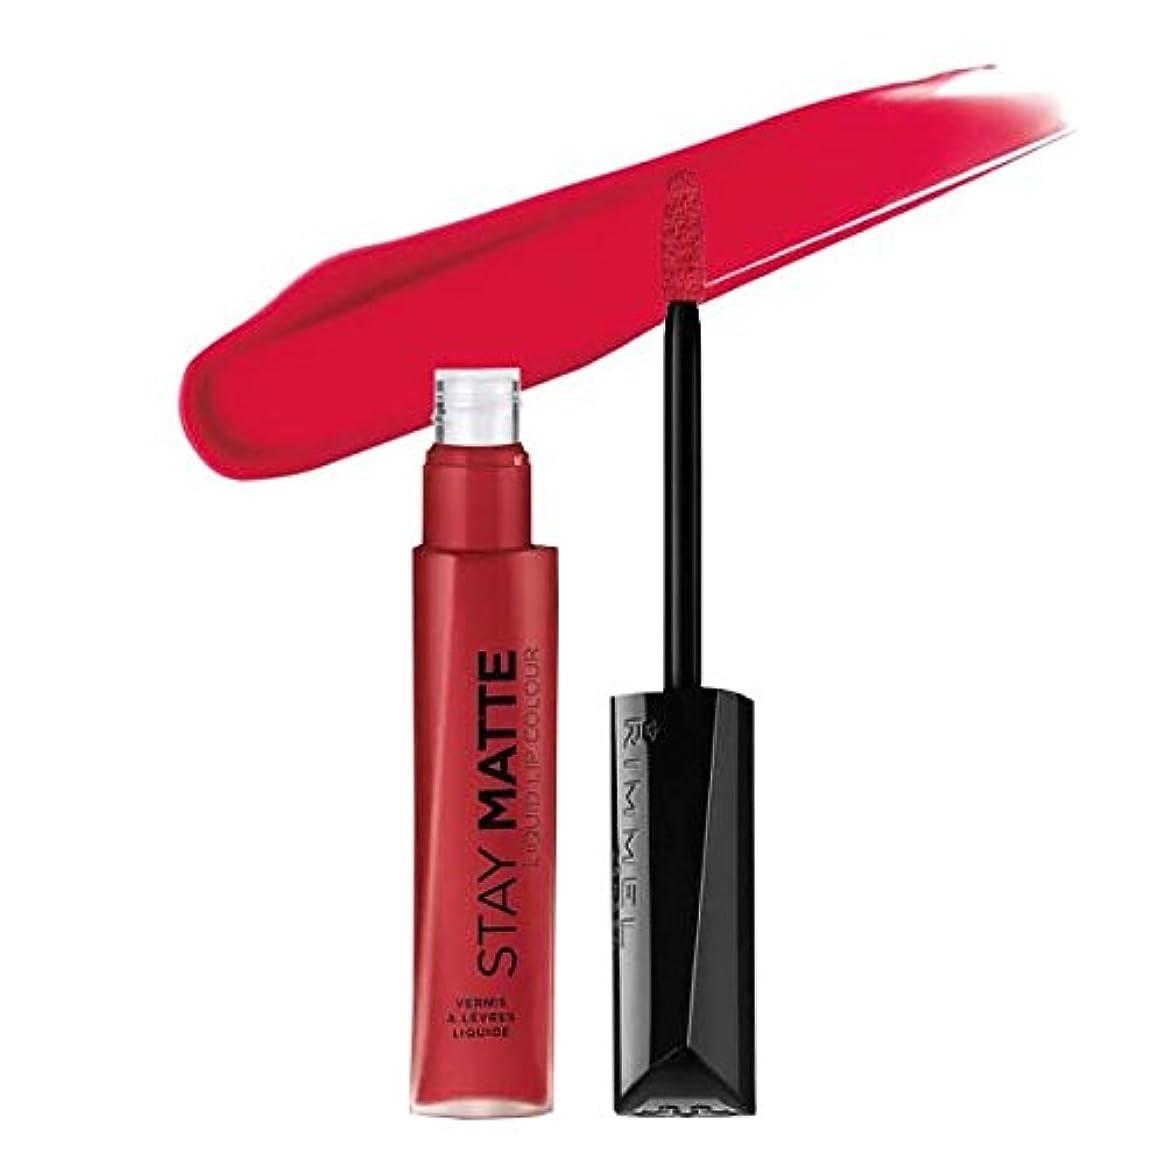 政治家典型的な達成する(3 Pack) RIMMEL LONDON Stay Matte Liquid Lip Color - Fire Starter (並行輸入品)